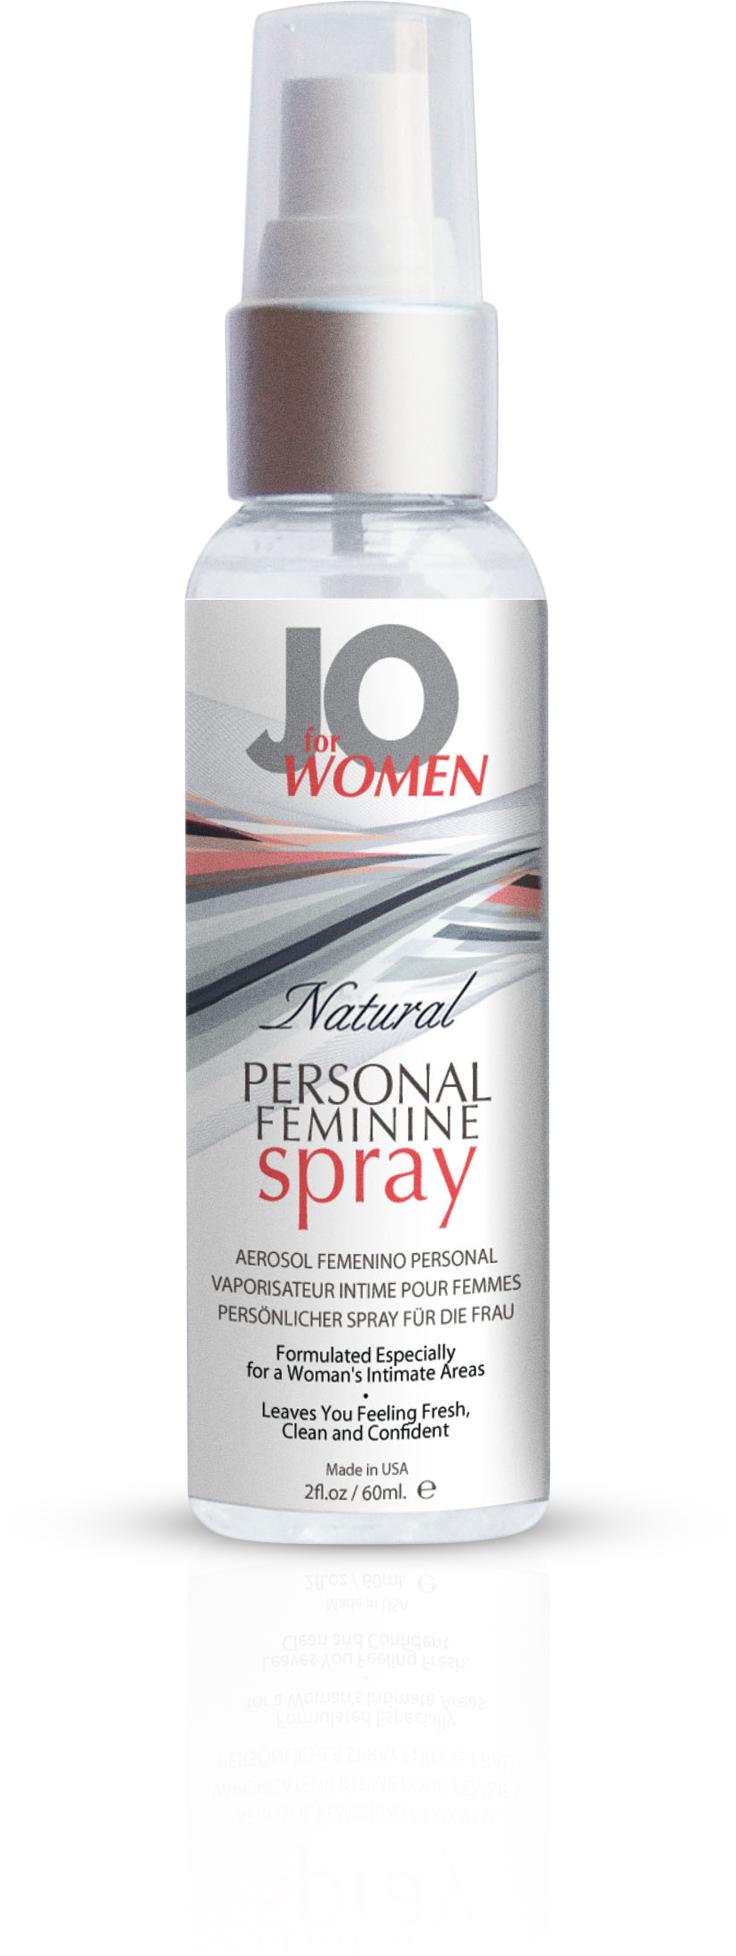 40219_JO_for_women_feminine_spray_2oz.jpg